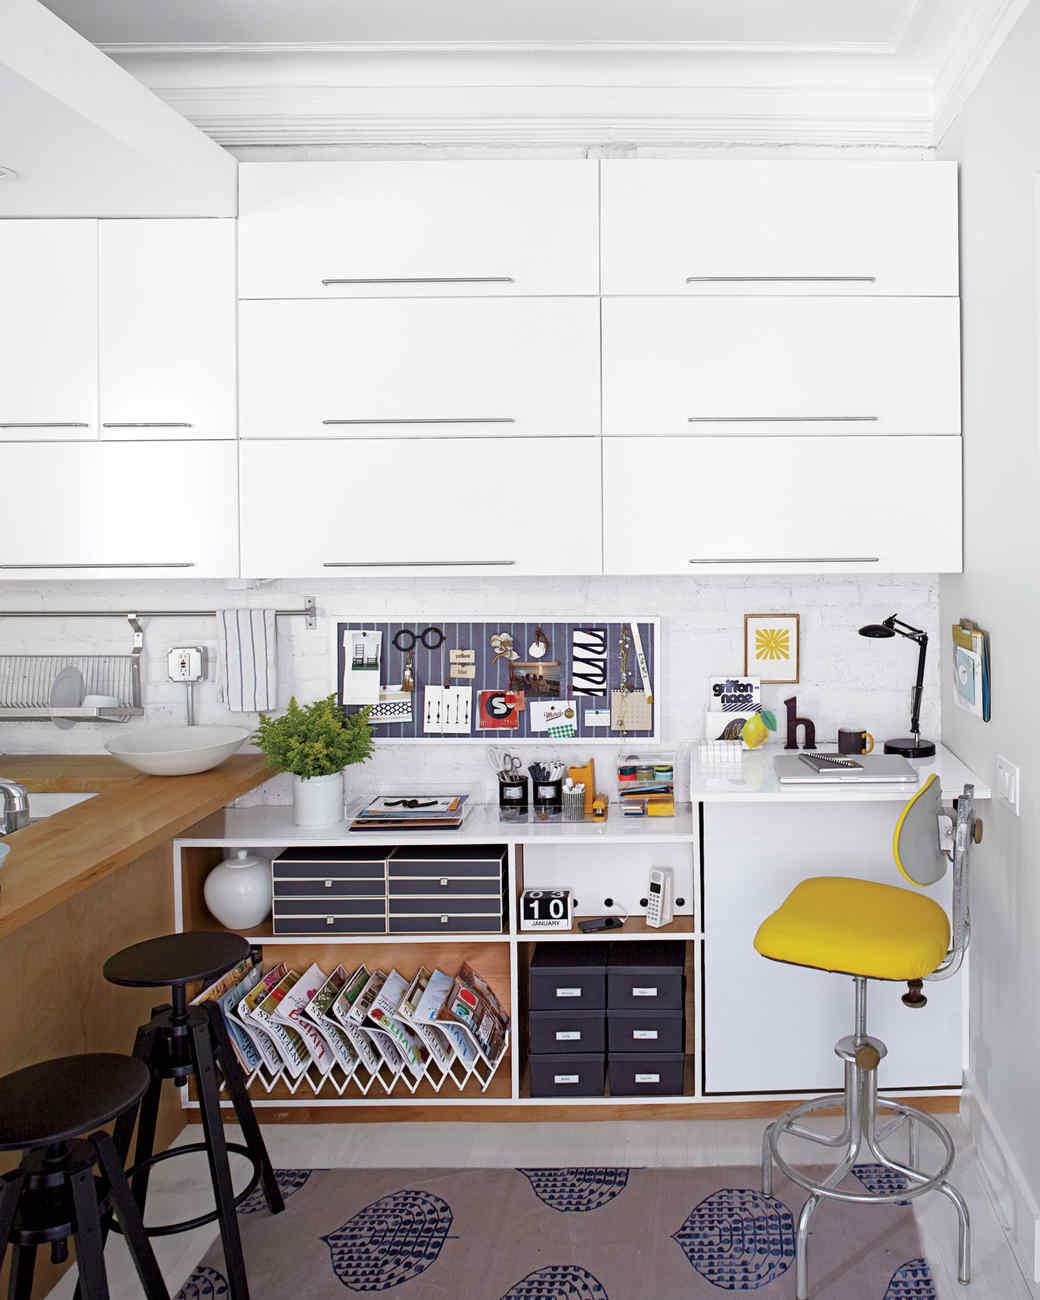 after-desk-mld107979.jpg